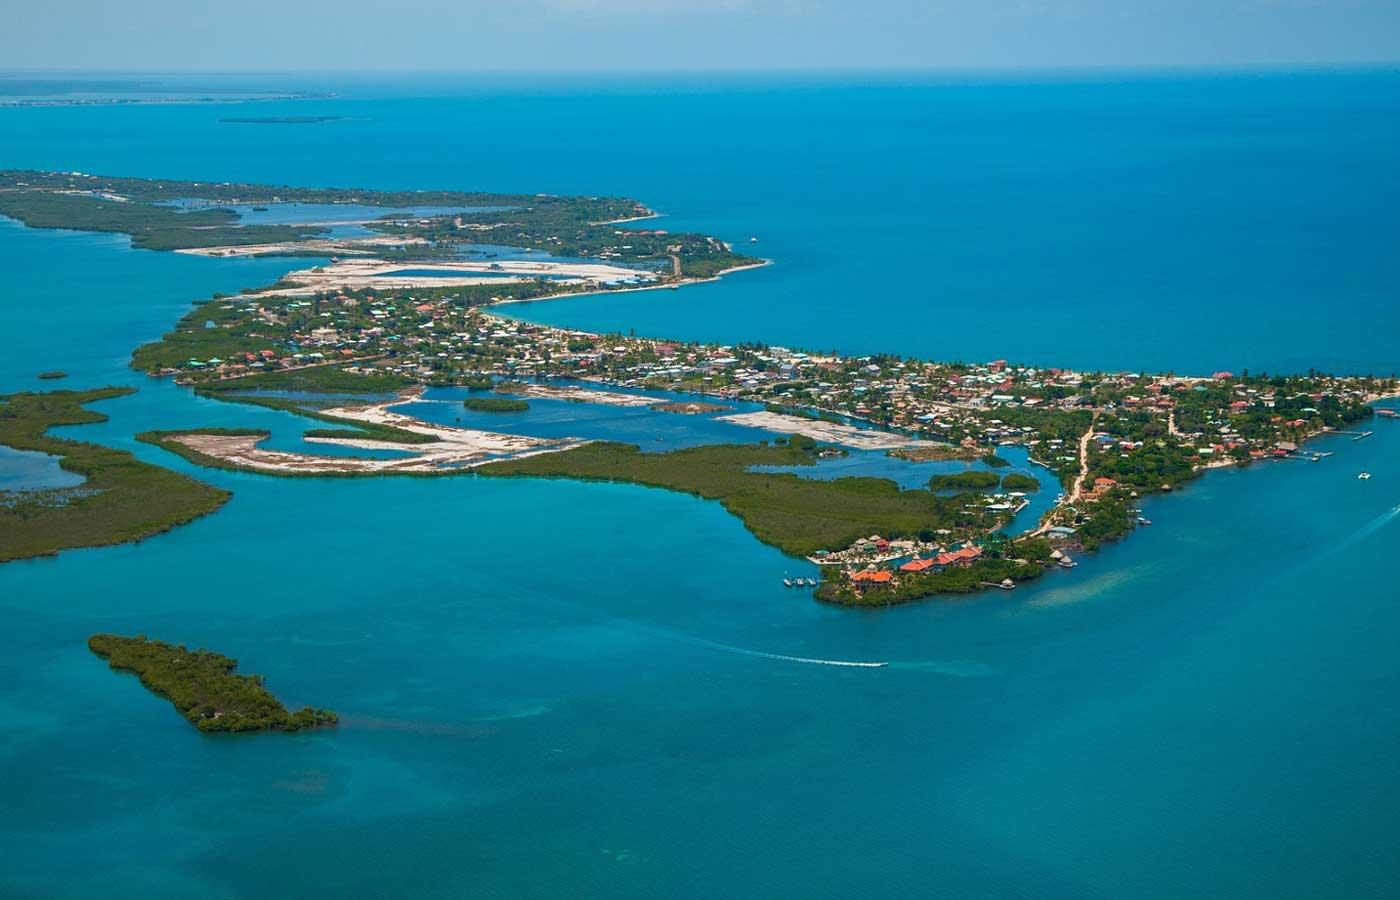 Belize Placencia Peninsula, luxury holidays to Belize, tailor-made holidays to Belize, Belize luxury holidays